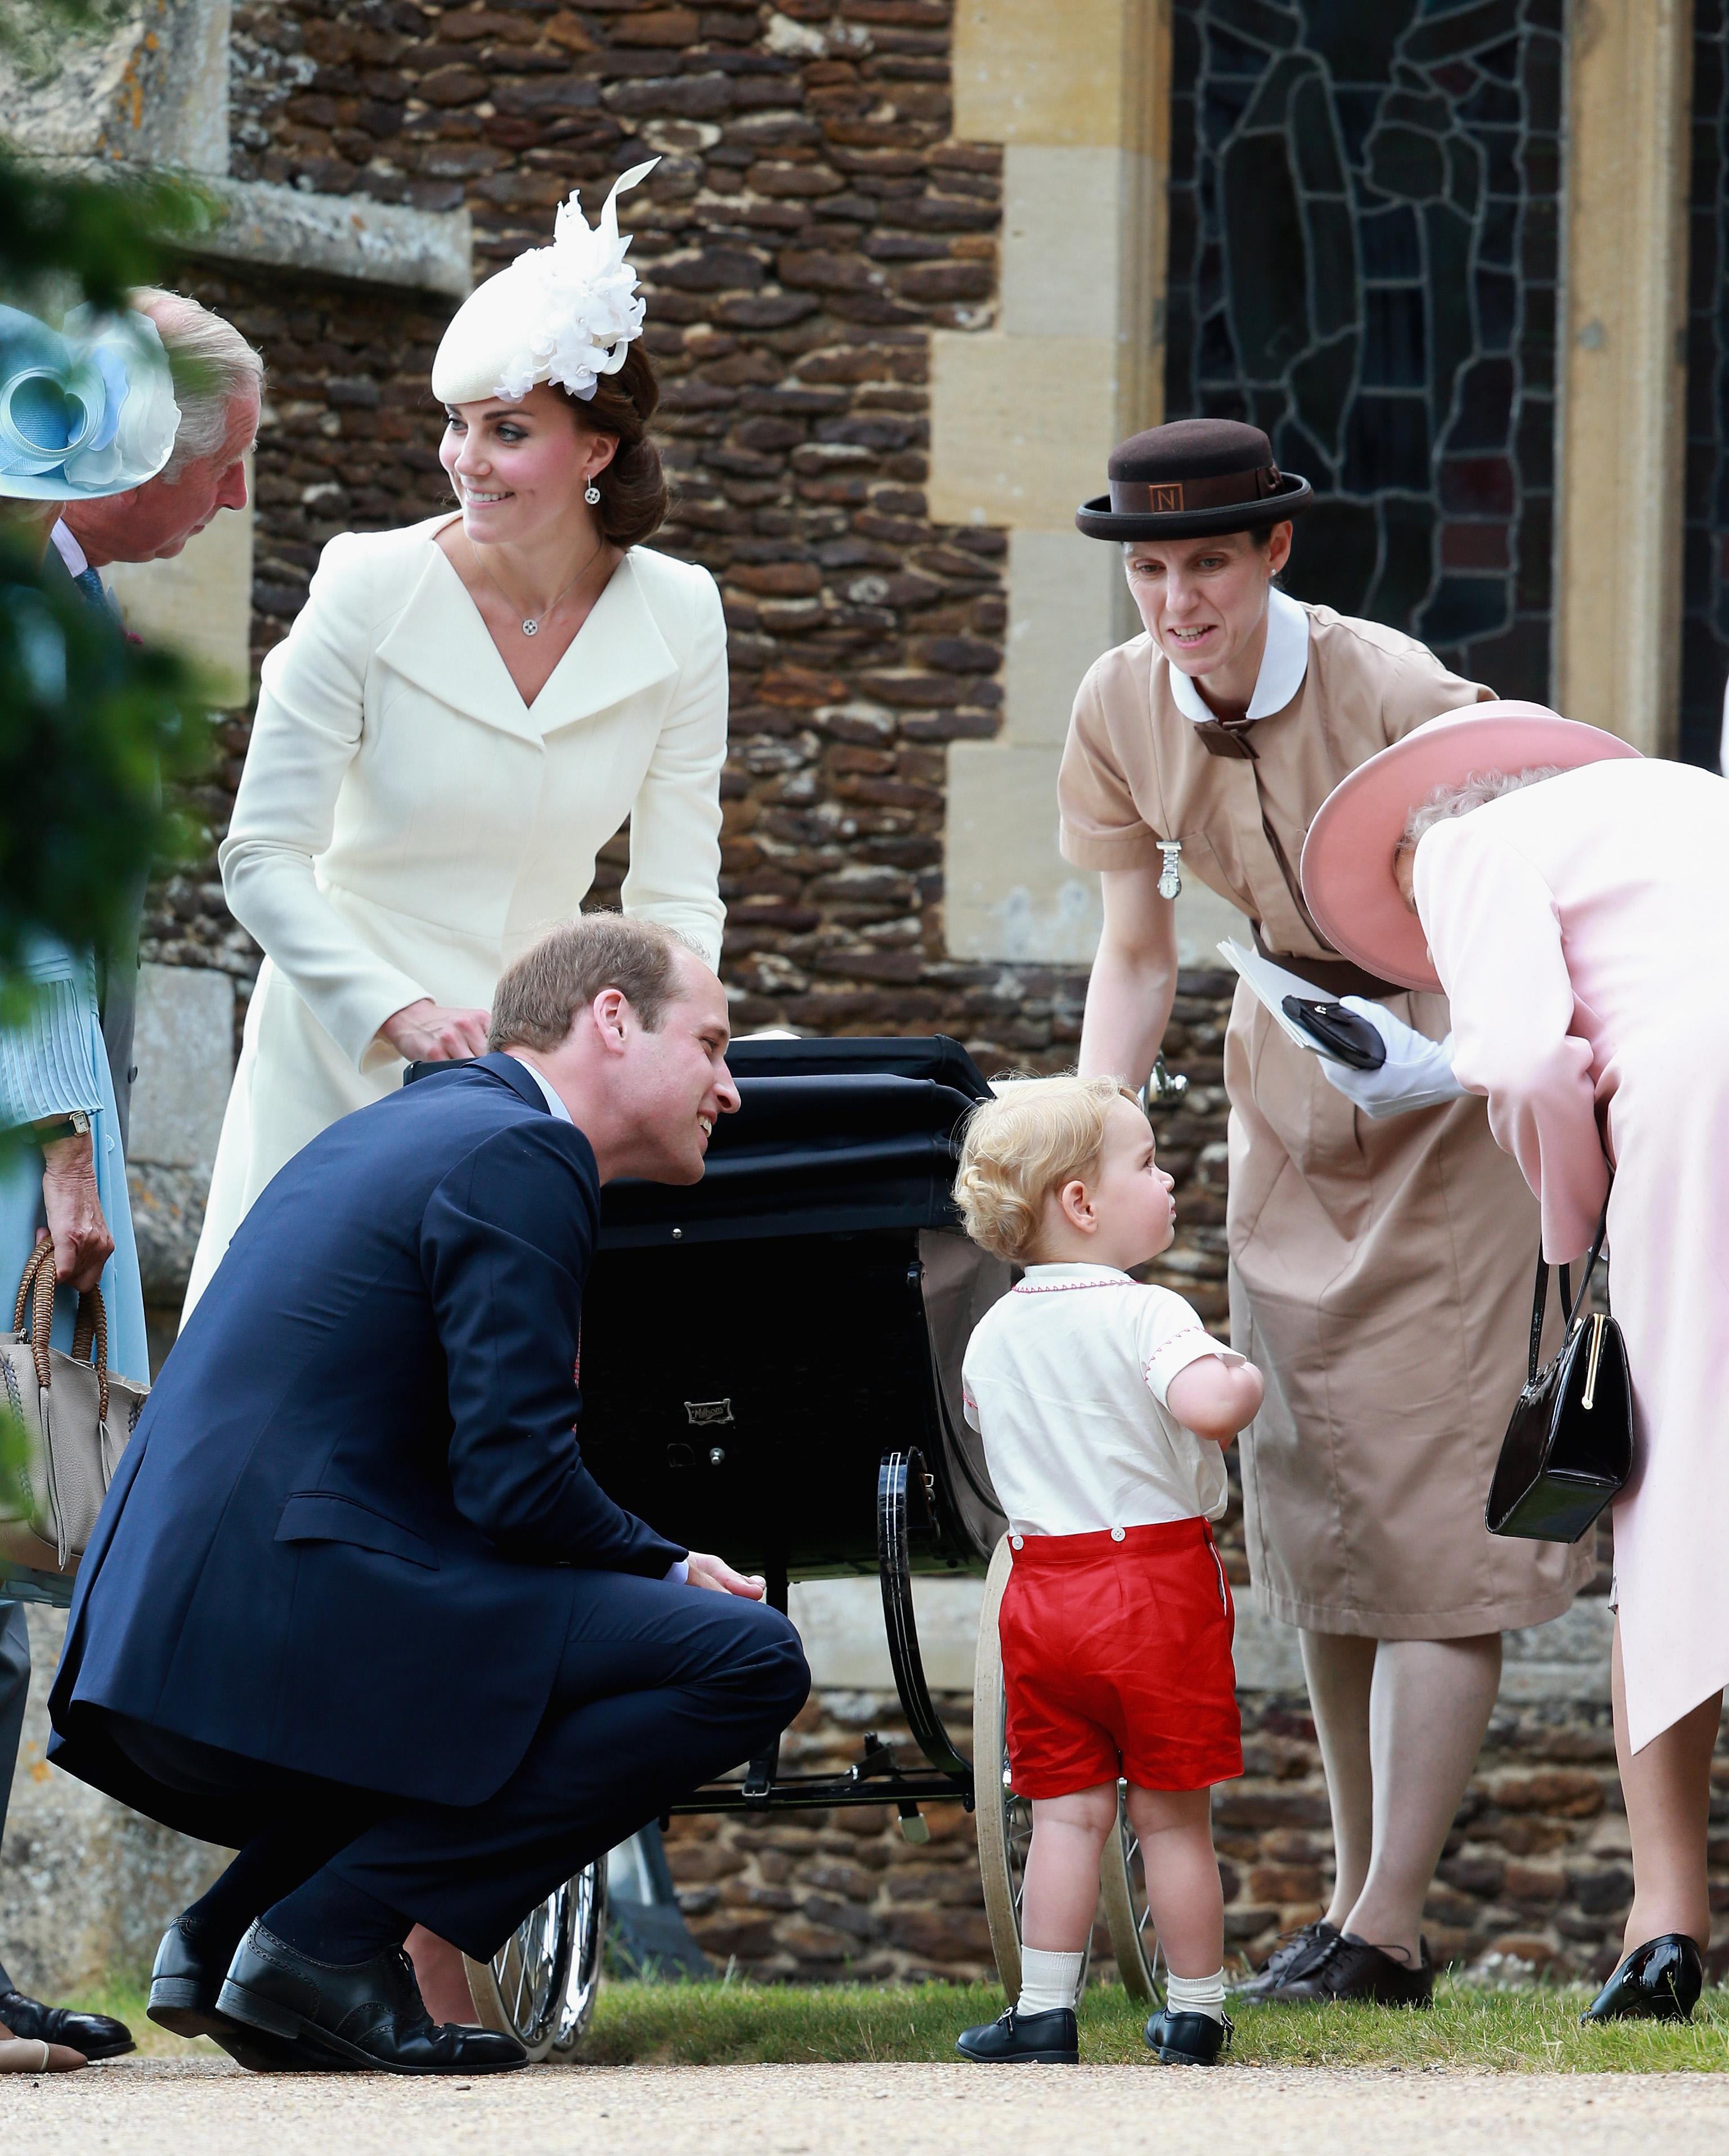 Баваката е част от семейството.<br /> Кралската бавачка на практика се превръща в част от семейството, защото тя придружава децата навсякъде, включително при семейни тържества и пътувания. Бавачката трябва да живее в двореца, за да е близо до децата. Според публикуваните писма на Джун Уалер (бавачката, която помага на Елизабет II при отглеждането на третото ѝ дете – принц Андрю) работният и ден приключвал в 20:30 ч. и преди този час тя е била изцяло на разположение на децата и дори не ѝ е било позволено да се обади по телефона. Това обаче е правило, с което се е сблъскала Джун Уалер през 60-те години, и не се знае, дали в наши дни то все още е в сила.